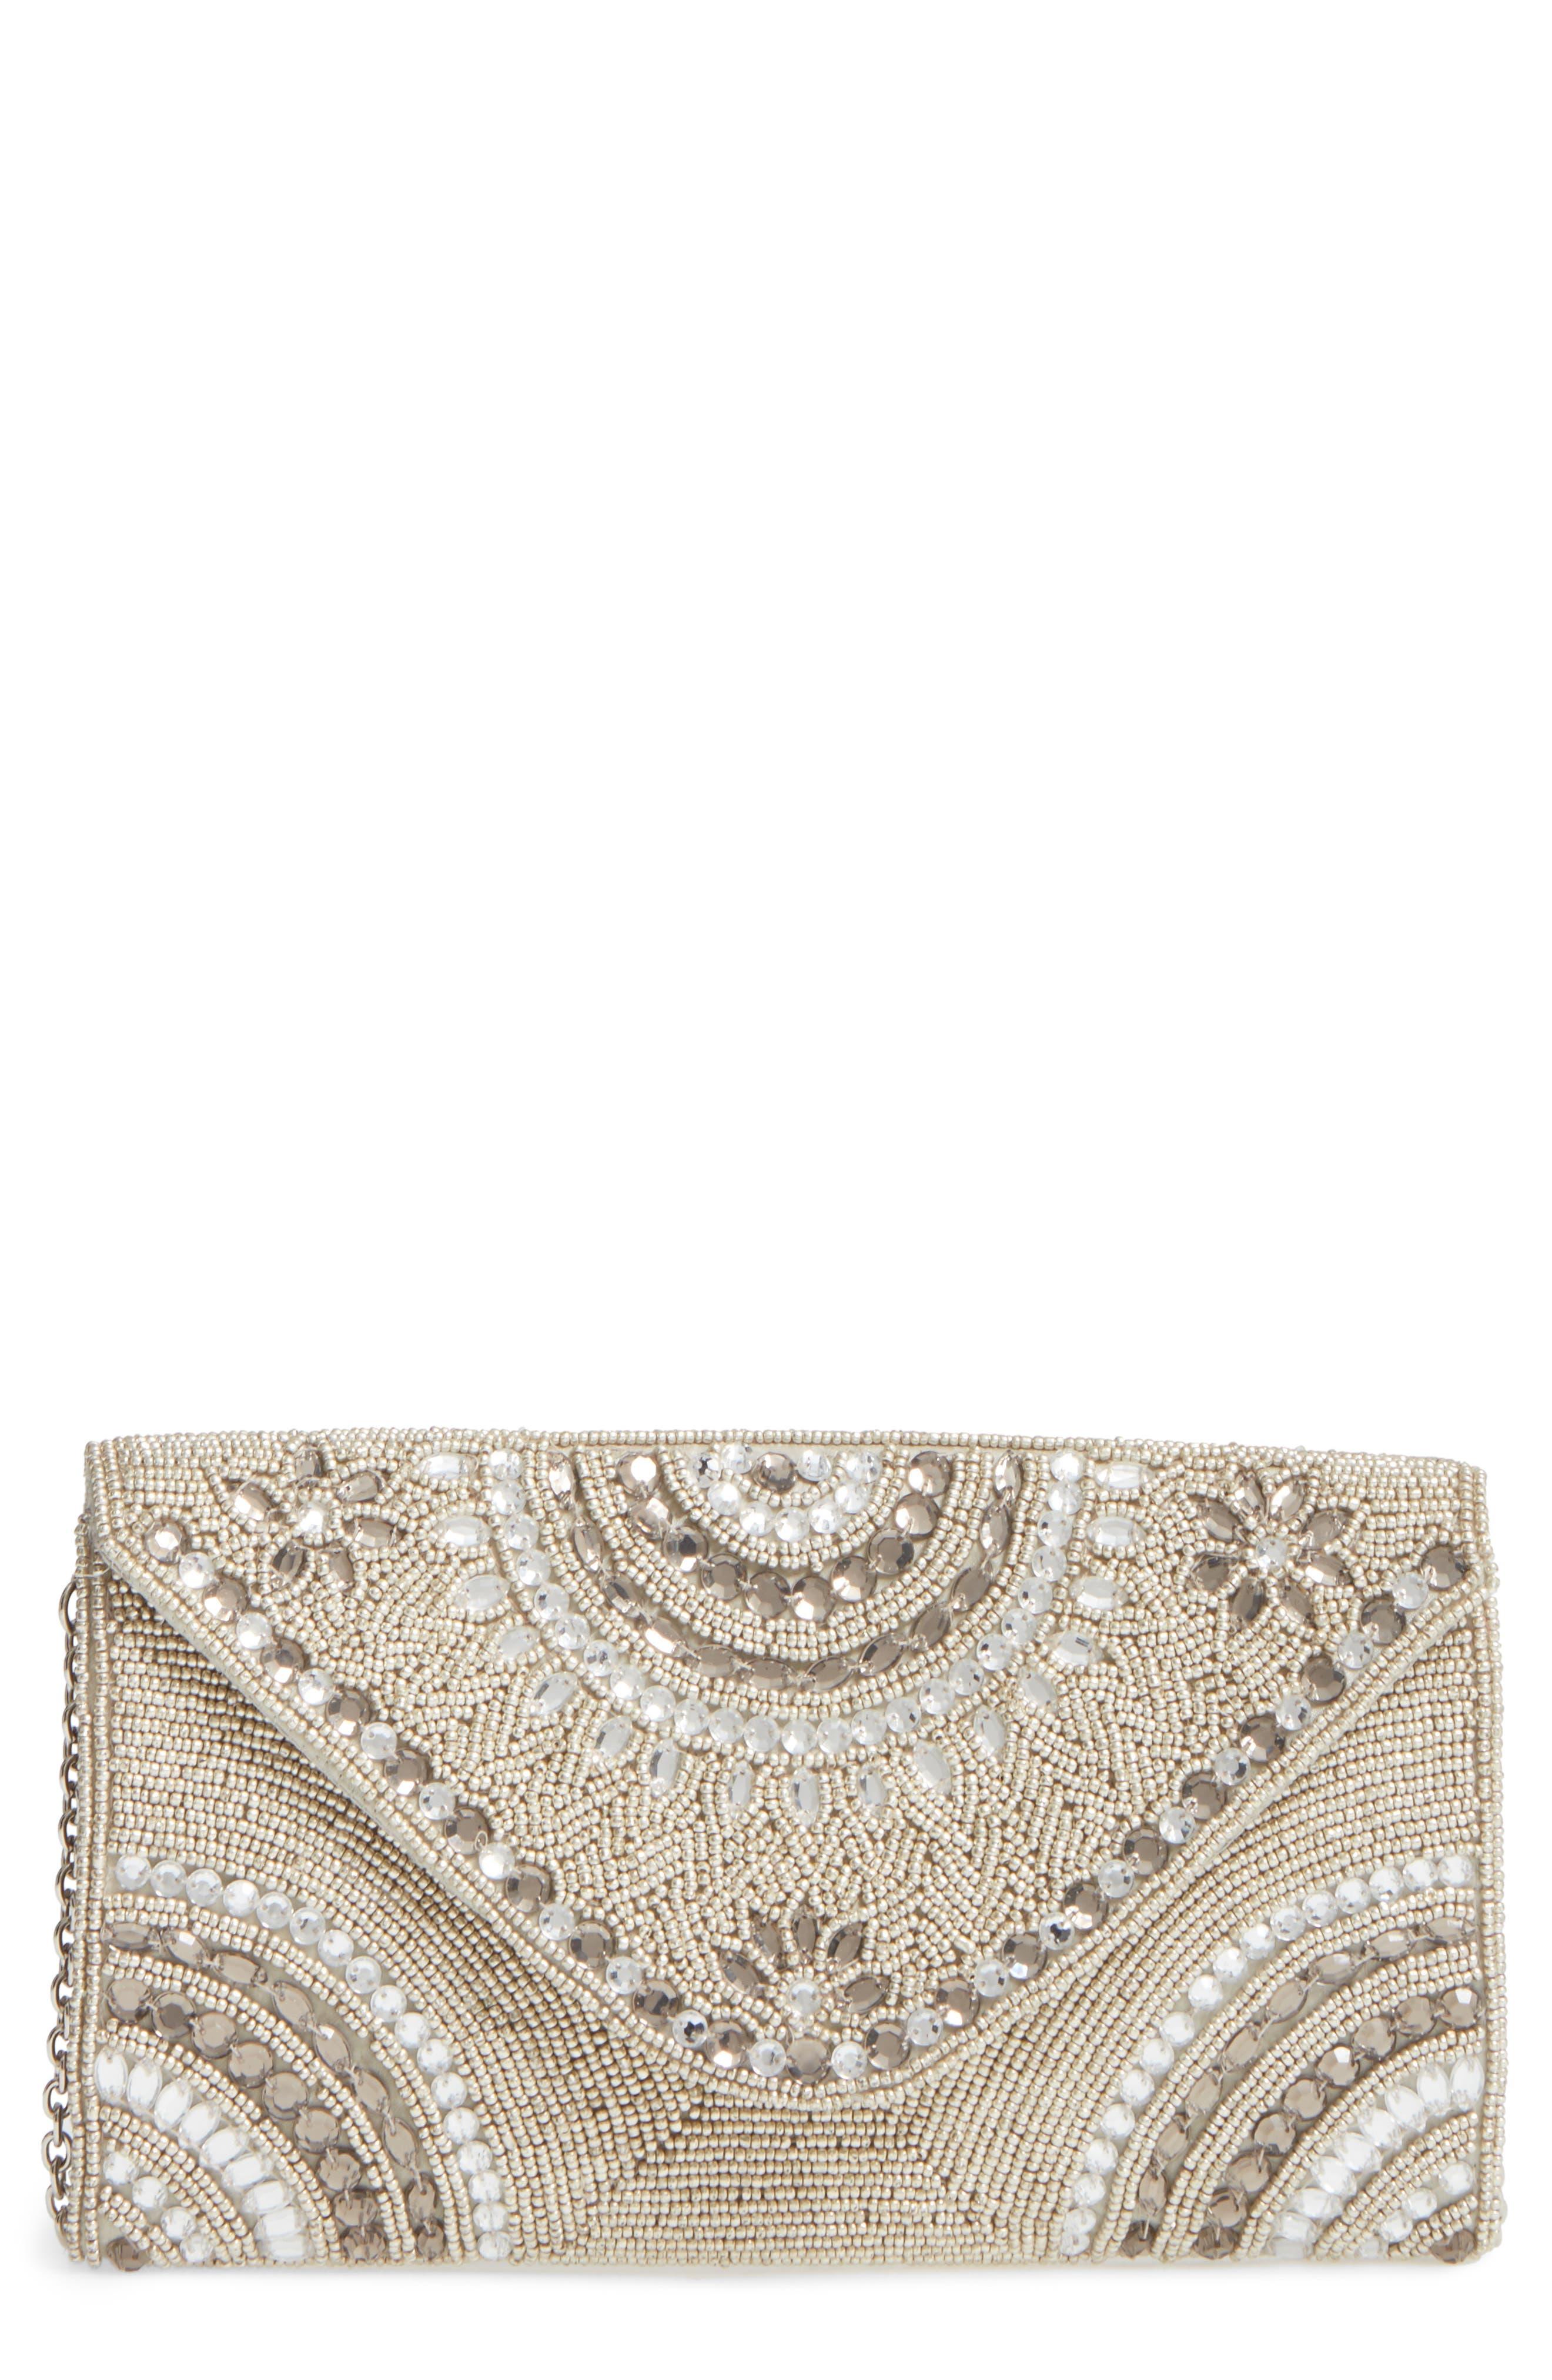 Alternate Image 1 Selected - Glint 'Alhambra' Embellished Envelope Clutch